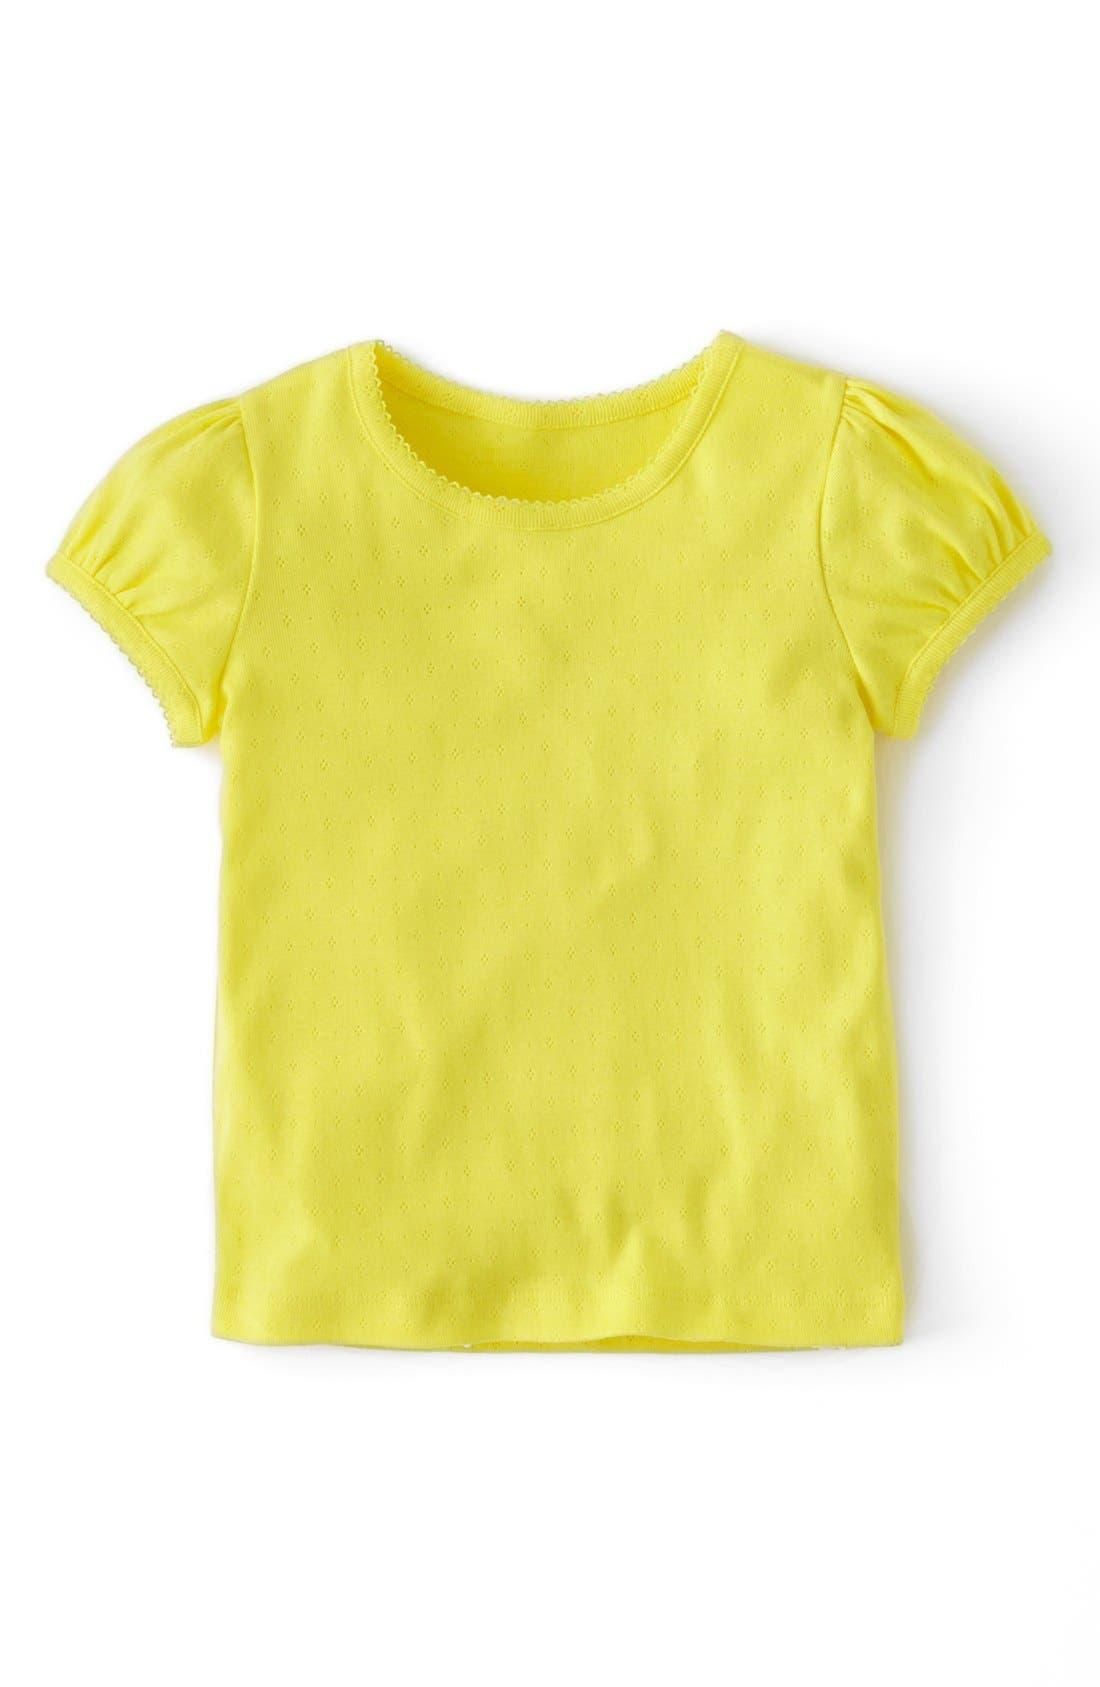 Main Image - Mini Boden Pointelle Cap Sleeve Tee (Toddler Girls, Little Girls & Big Girls)